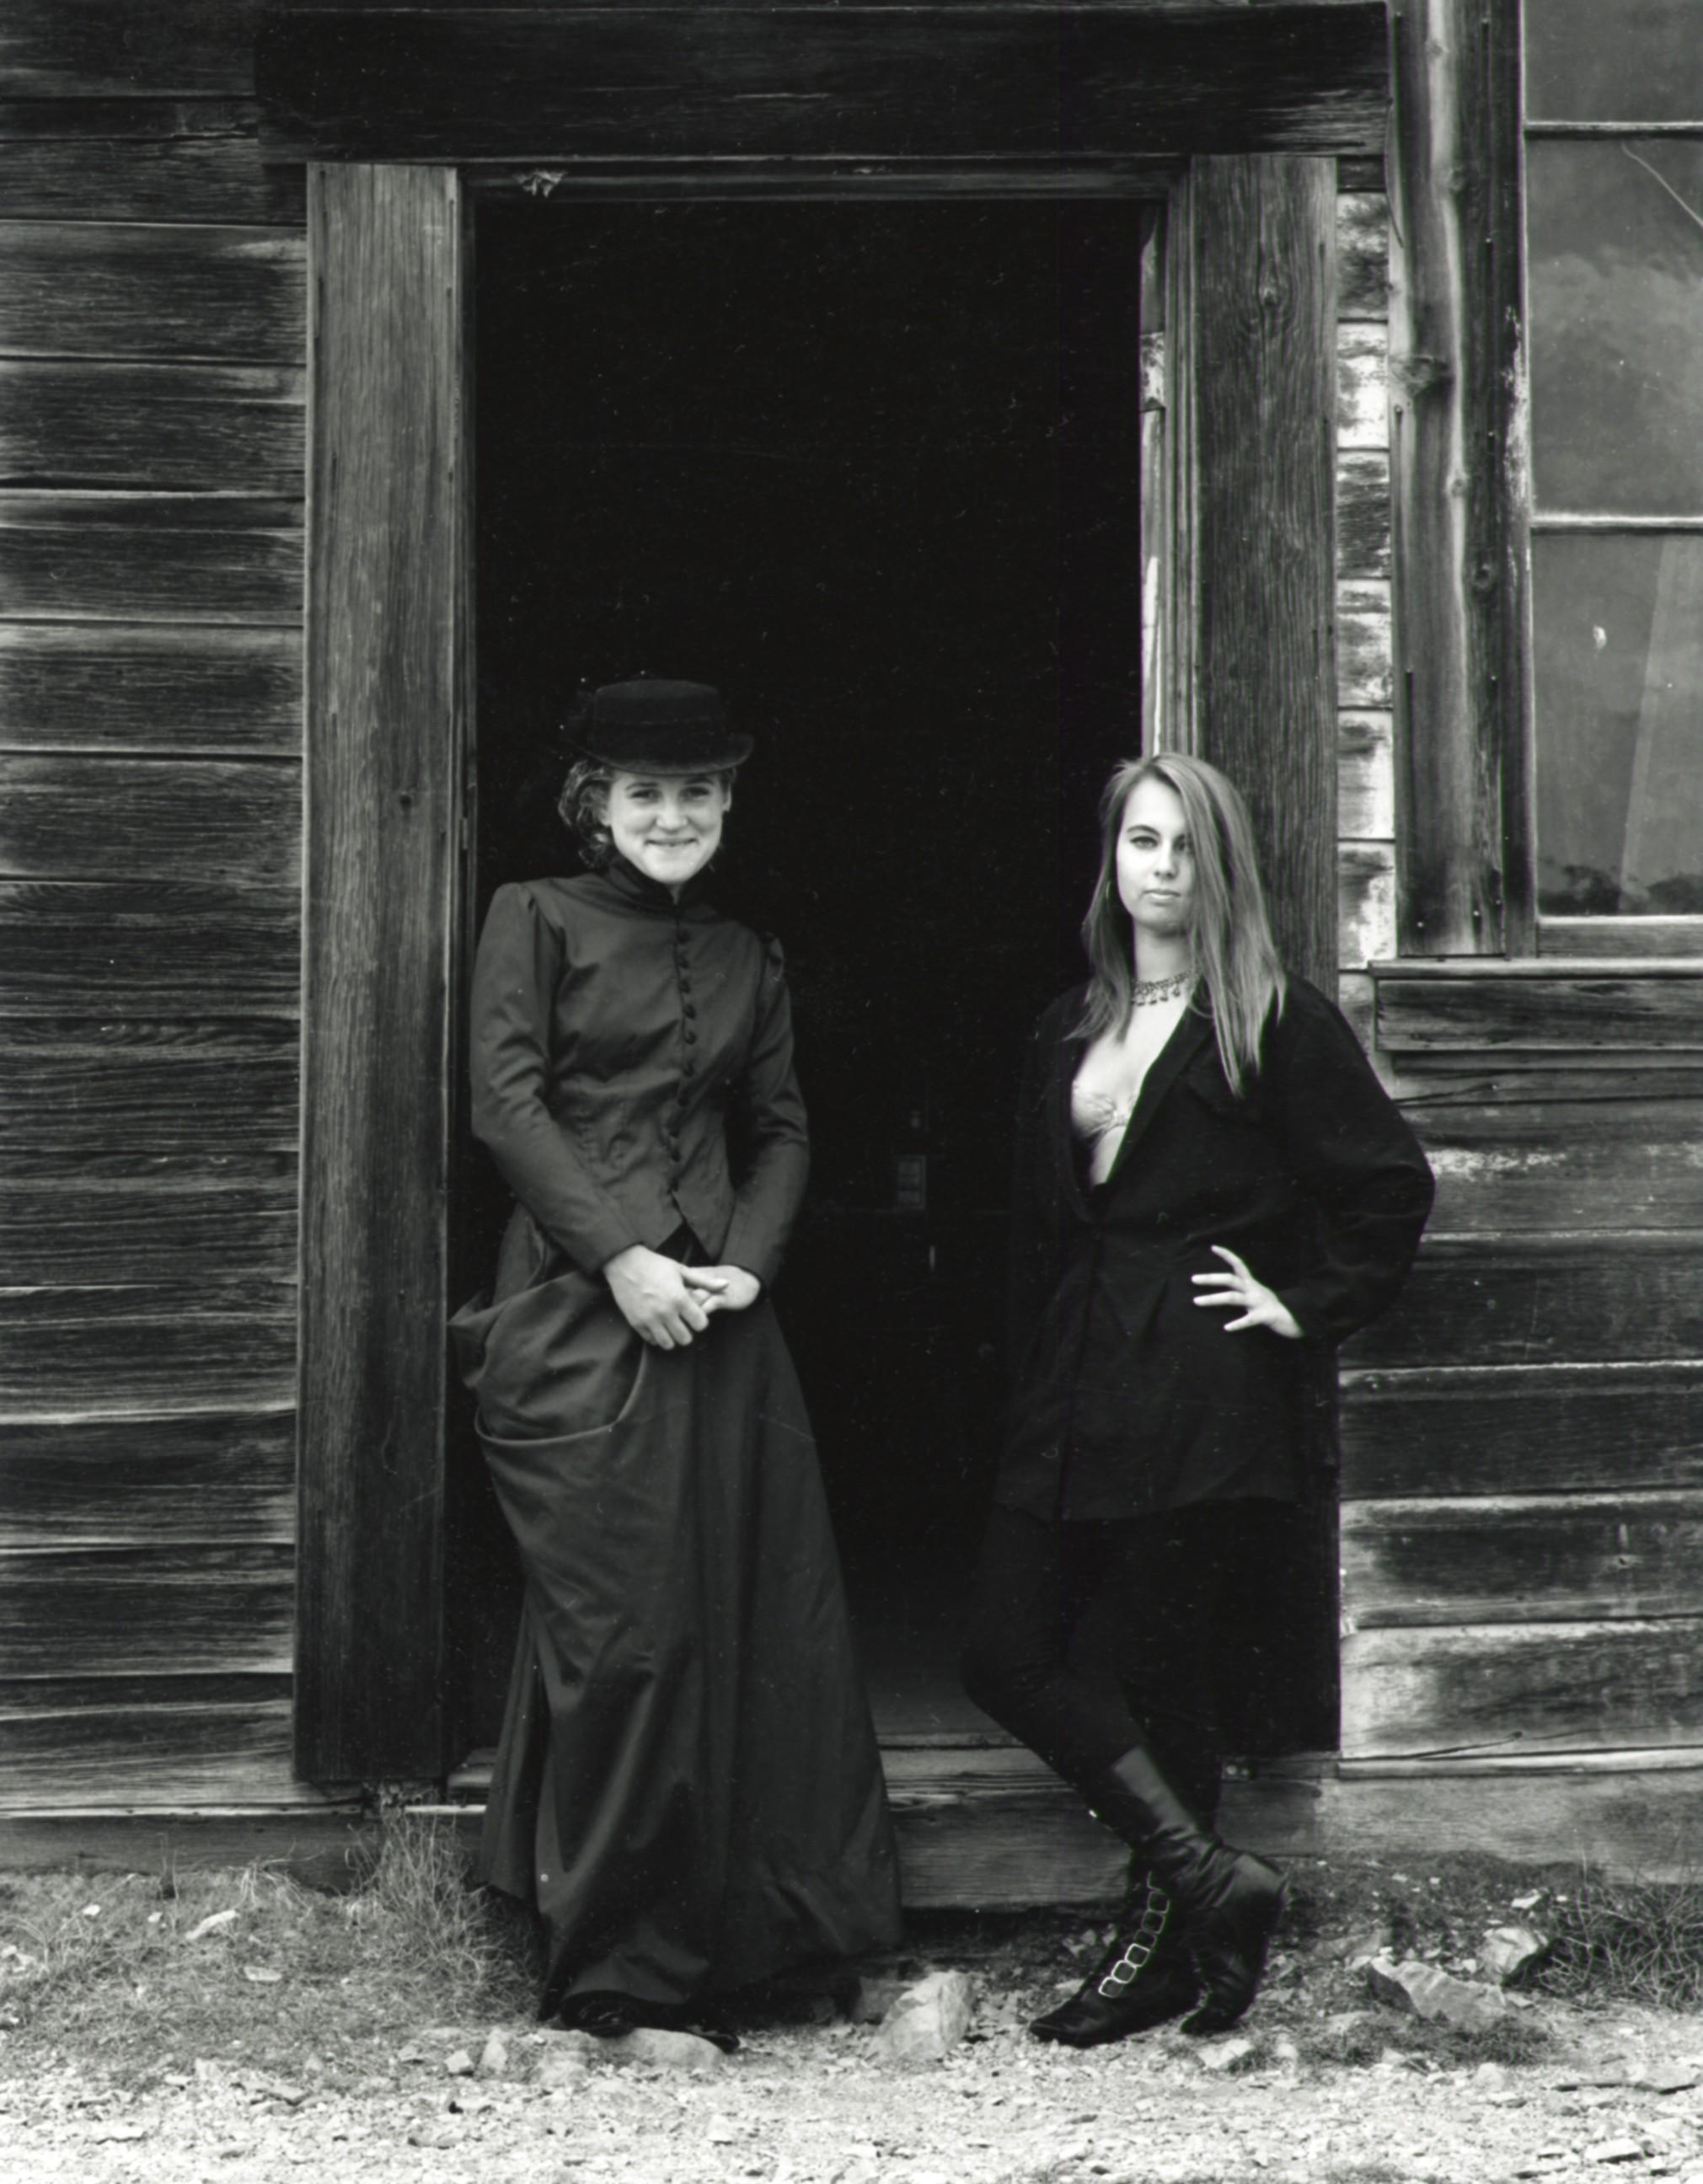 Jodie & Cindy - Bodie CA 1997